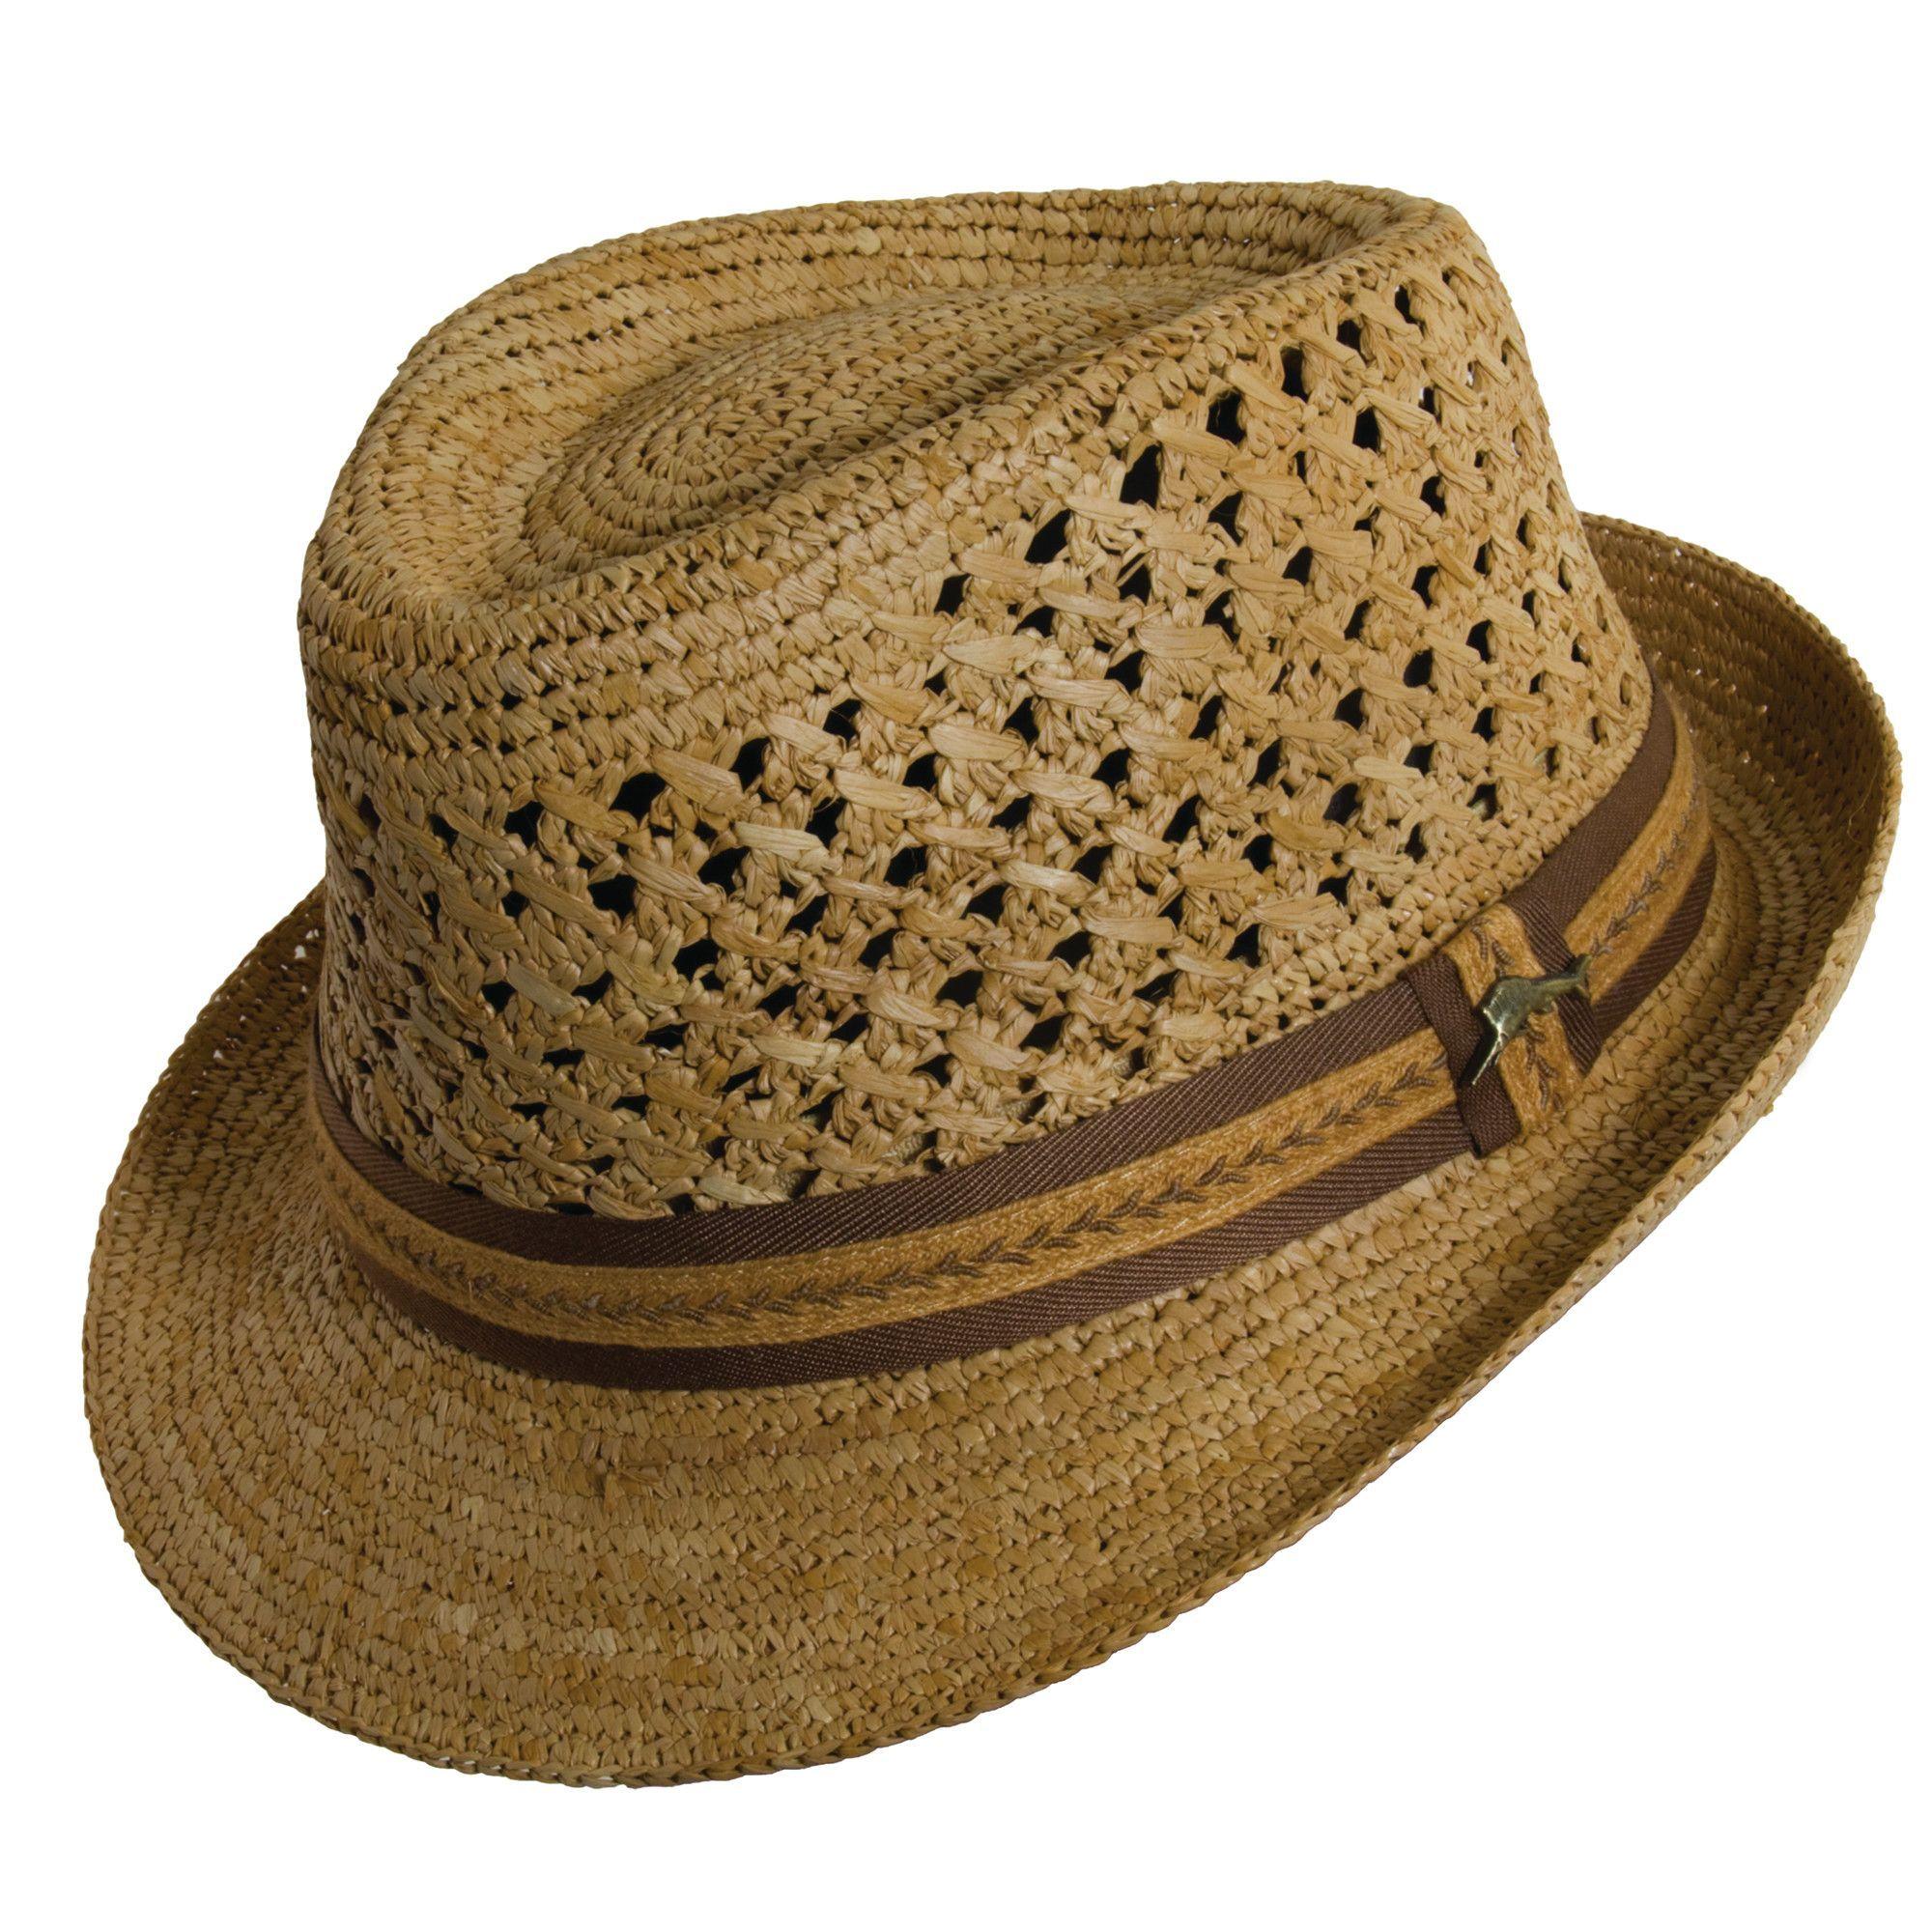 Tommy Bahama Crocheted Raffia Fedora Hat  65c0bb80df0